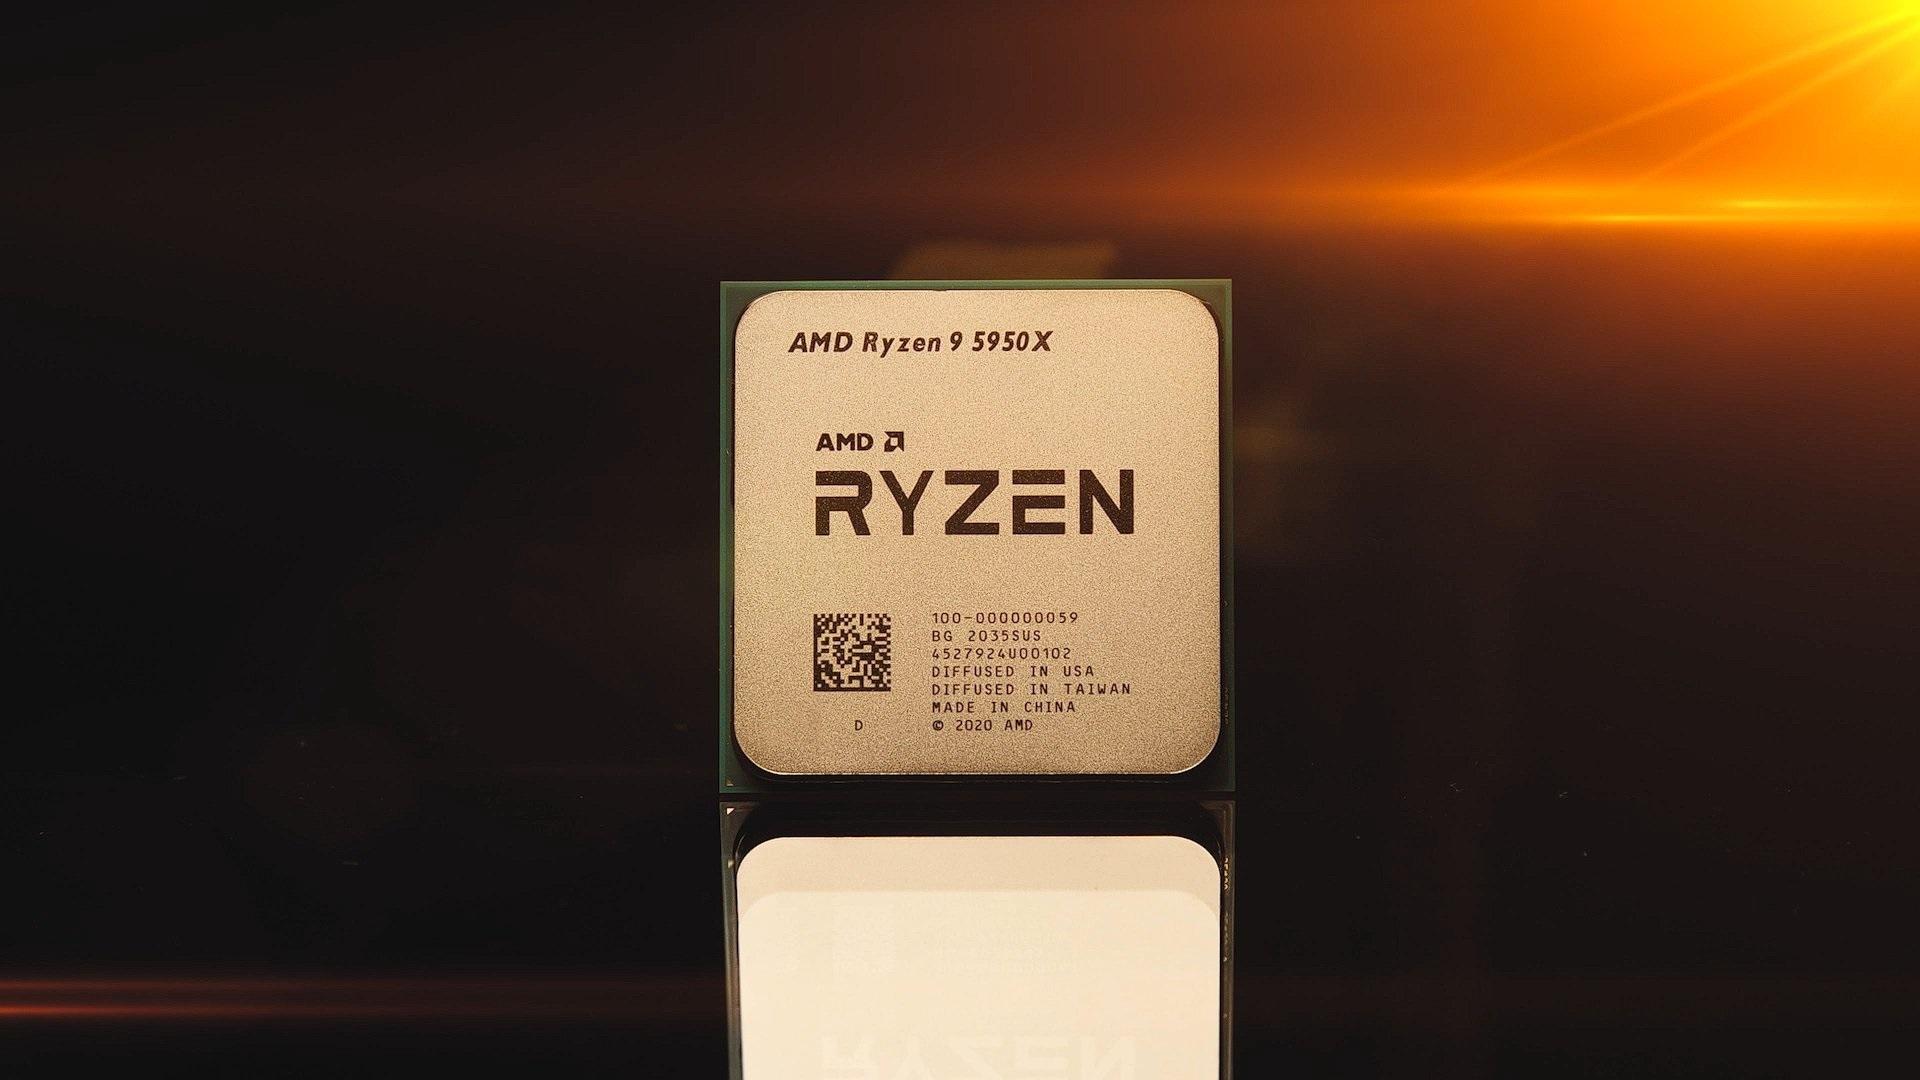 Сборщик компьютеров пожаловался на большой процент брака новых процессоров AMD